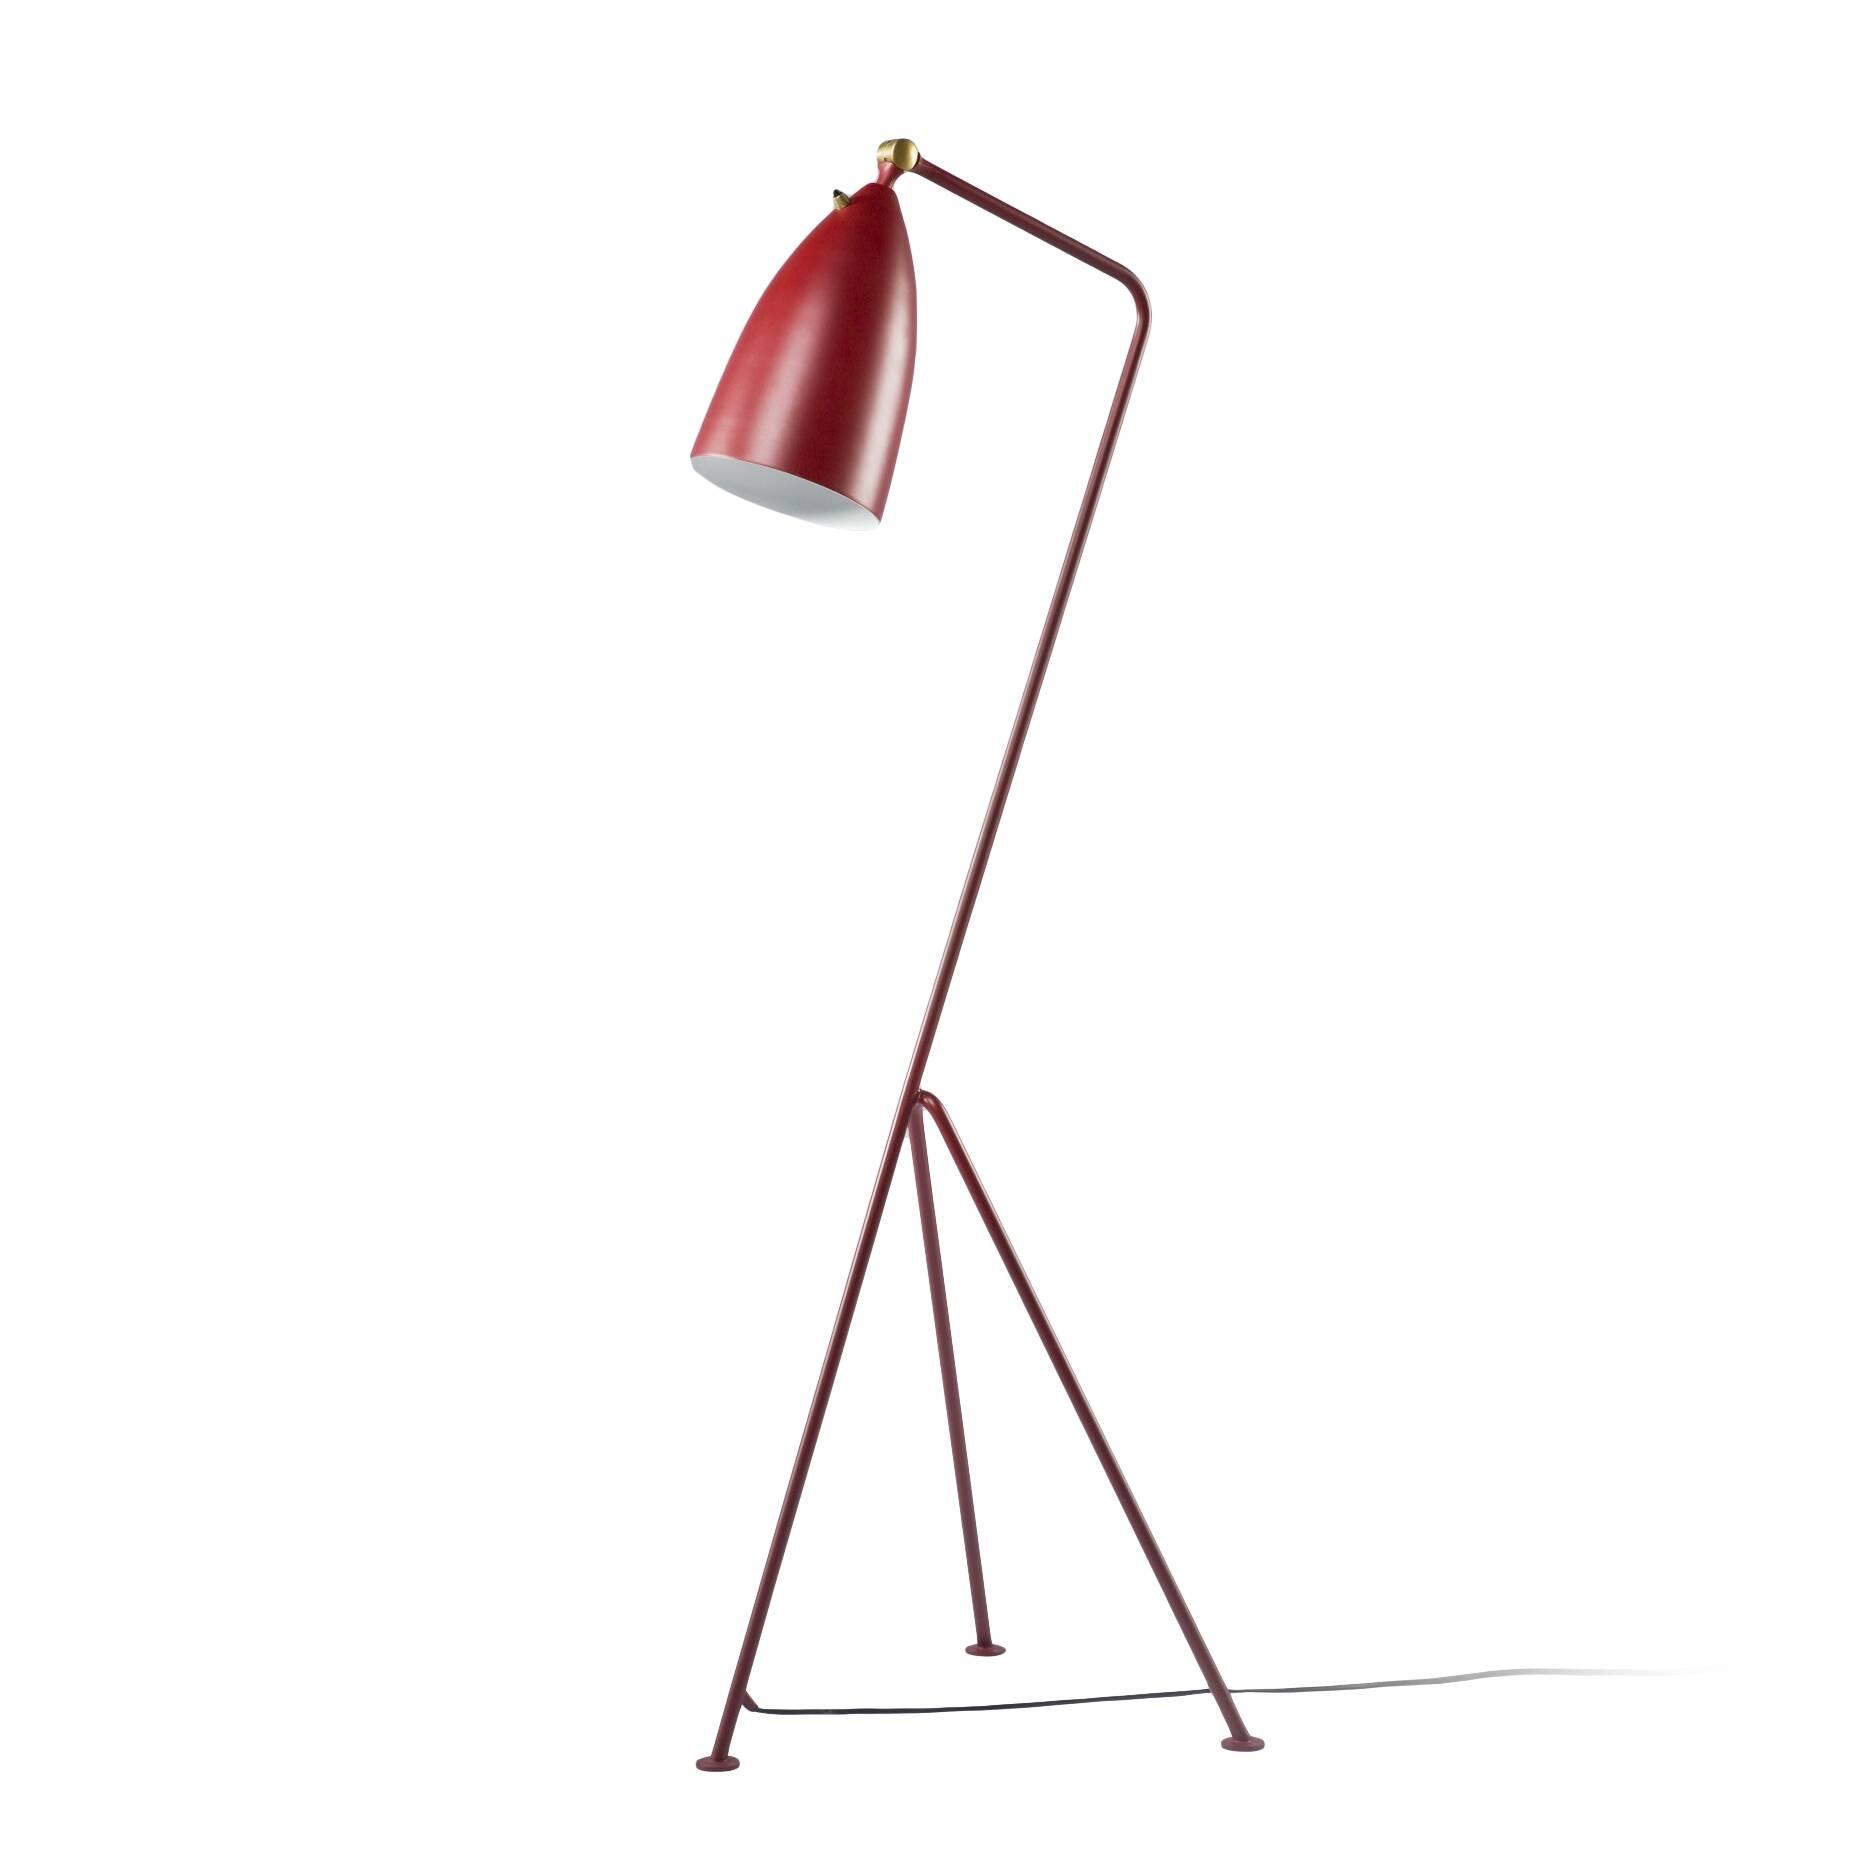 Напольный светильник Grashoppa высота 121Напольные<br>Напольный светильник Grashoppa высота 121 — это воспроизведение уникальной работы промышленного дизайнера Греты Магнуссон Гроссман. Он был создан в пятидесятых годах XX века и с тех пор не теряет популярности. Грета Гроссман сформировала эстетику «калифорнийского модернизма». Сама она находилась под большим влиянием модернизма европейского. Копии работы Греты Гроссман очень трудно найти — как правило, они создавались малыми партиями под проекты этого дизайнера, поэтому компания Cosmo очень...<br><br>stock: 0<br>Высота: 121<br>Ширина: 31<br>Длина: 44<br>Количество ламп: 1<br>Материал абажура: Алюминий<br>Материал арматуры: Сталь<br>Мощность лампы: 60<br>Ламп в комплекте: Нет<br>Тип лампы/цоколь: E27<br>Цвет абажура: Красный<br>Цвет арматуры: Красный<br>Цвет провода: Черный